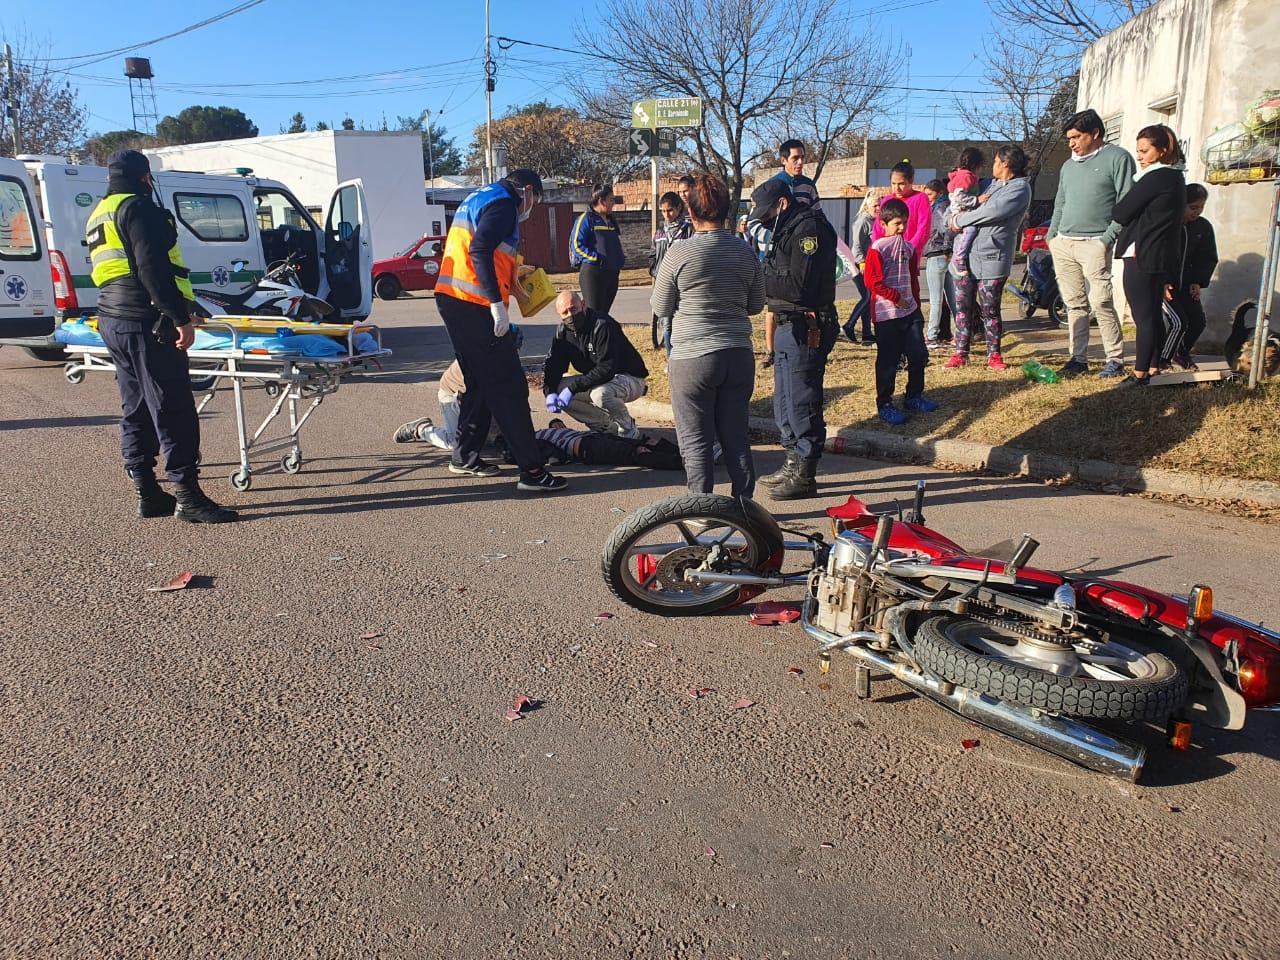 Cuarto accidente del día: Una moto chocó con una bicicleta en calle 21 y 102, un menor de edad fue hospitalizado